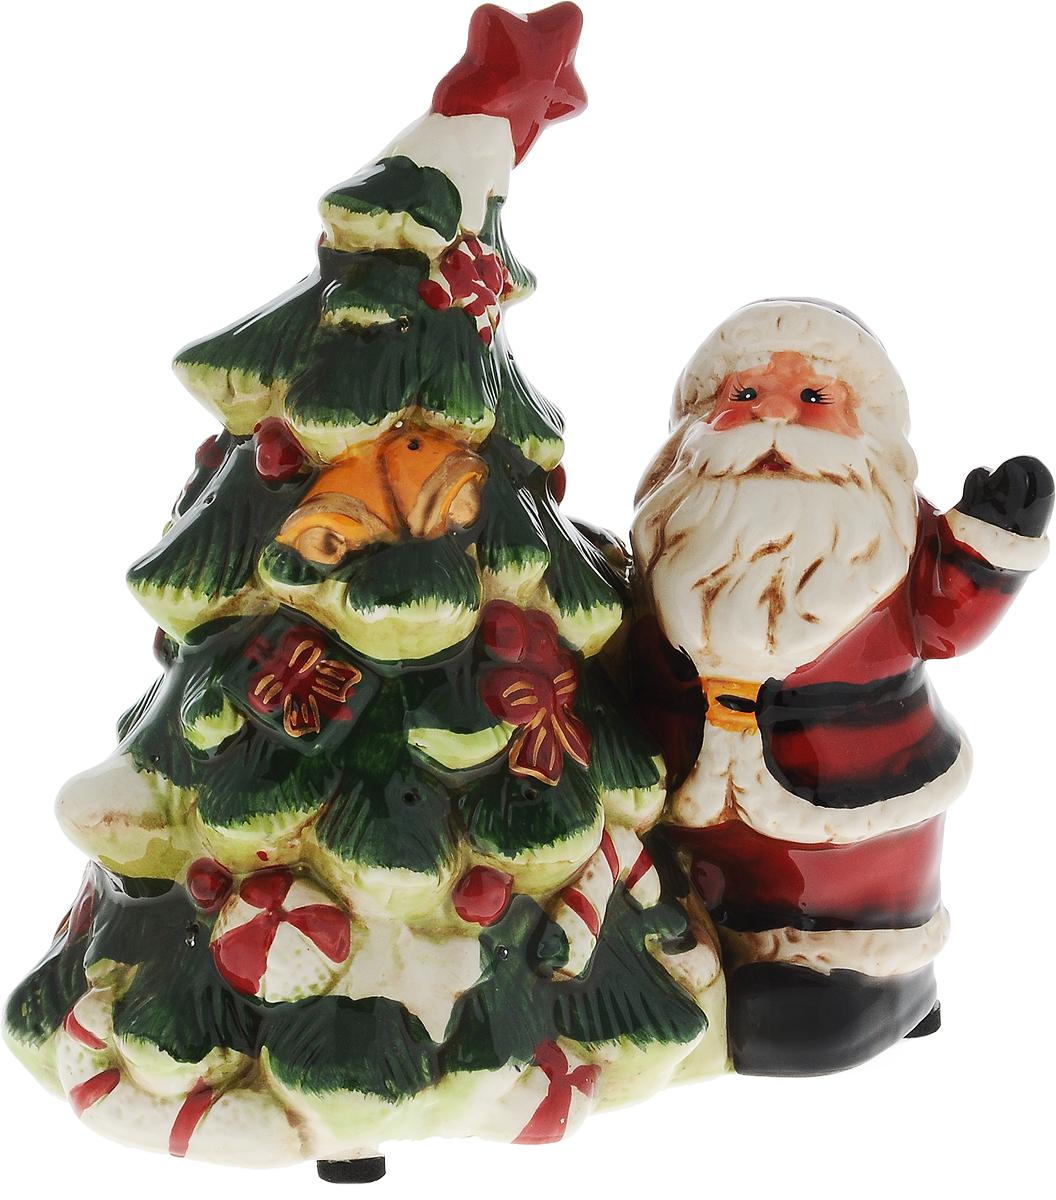 Светильник новогодний Win Max Дед Мороз, 19 х 12 х 20 см119443Декоративный новогодний светильник Win Max Дед Мороз, изготовленный из керамики. Он прекрасно оформит интерьер вашего дома или офиса в преддверии Нового года. Оригинальный дизайн и красочное исполнение создадут праздничное настроение. Кроме того, это отличный вариант подарка для ваших близких и друзей. Светильник работает от 3 батареек типа AАA (не входят в комплект).